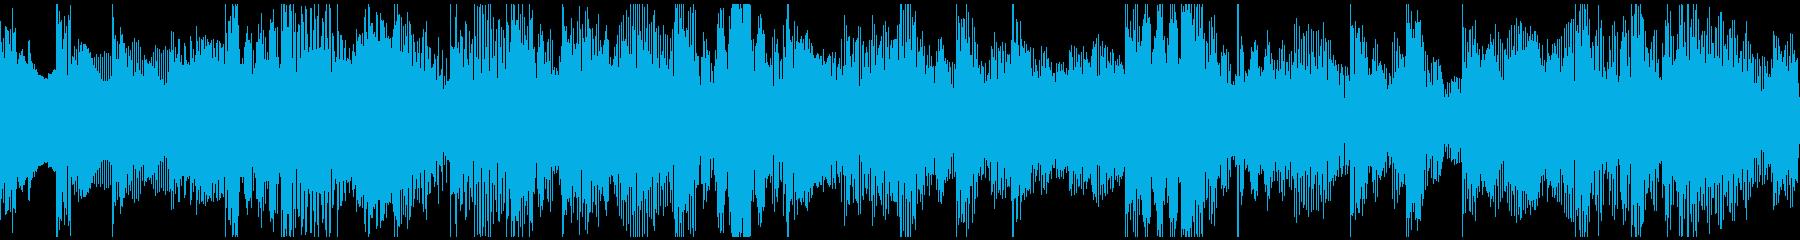 森をイメージしたBGMの再生済みの波形